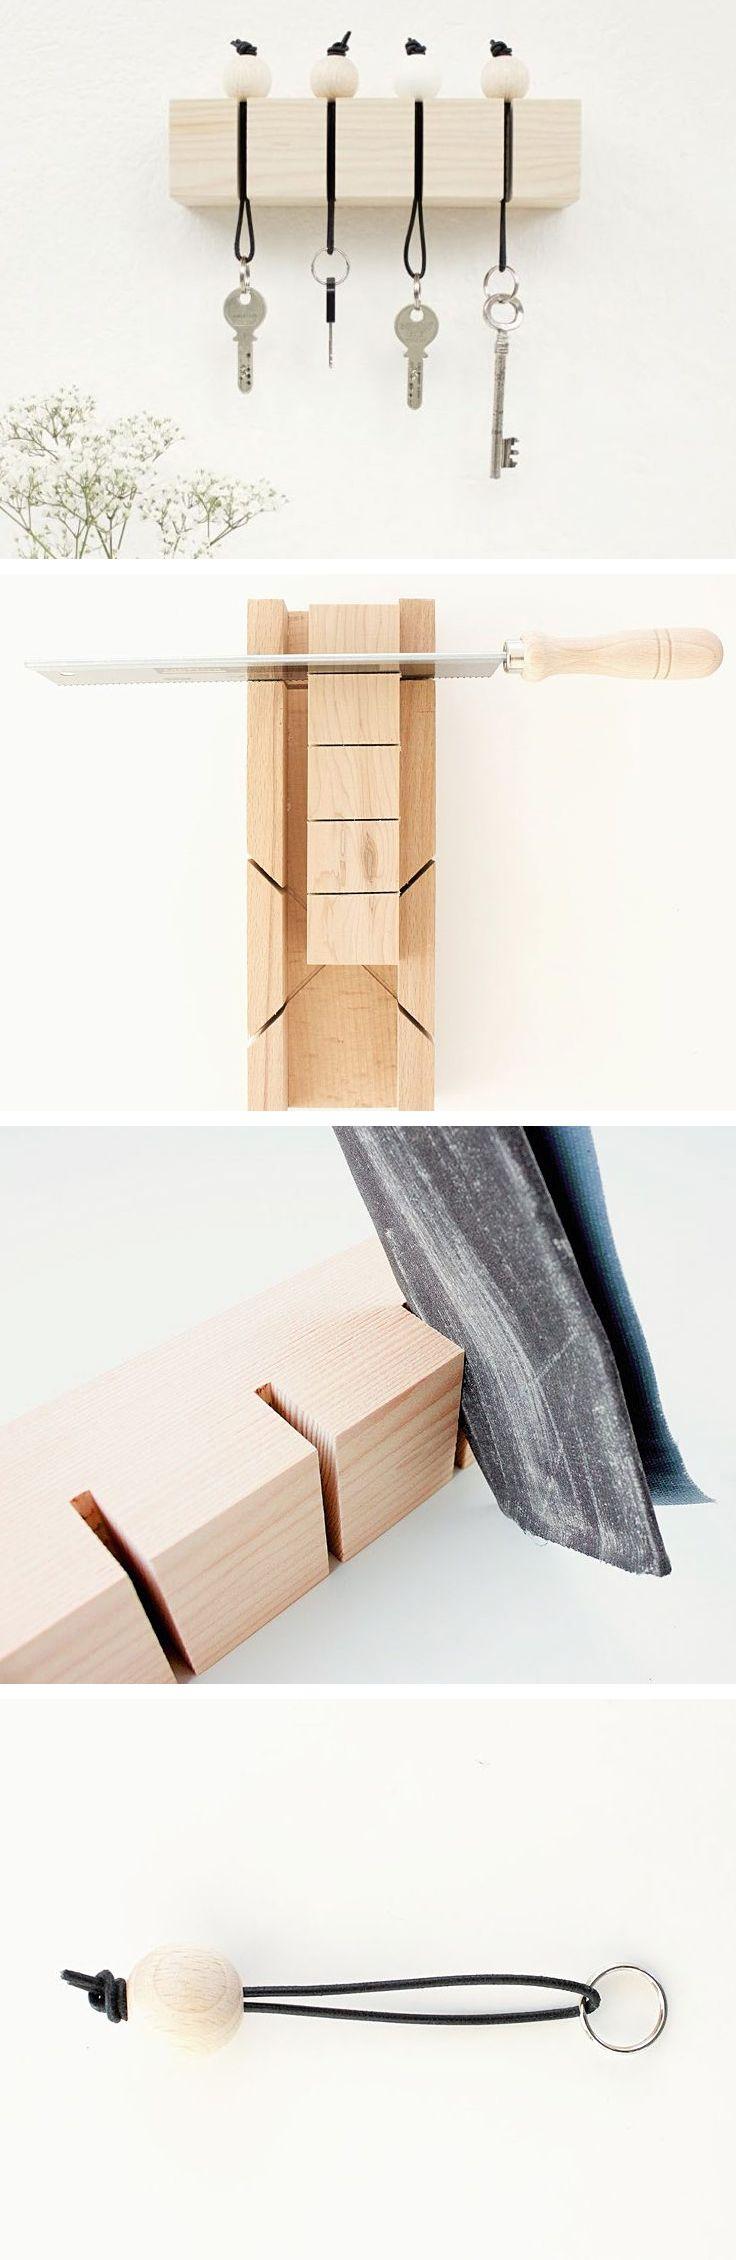 Tutoriel diy fabriquer un porte cl s mural avec des perles en bois via porte cl - Porte cle a fabriquer ...